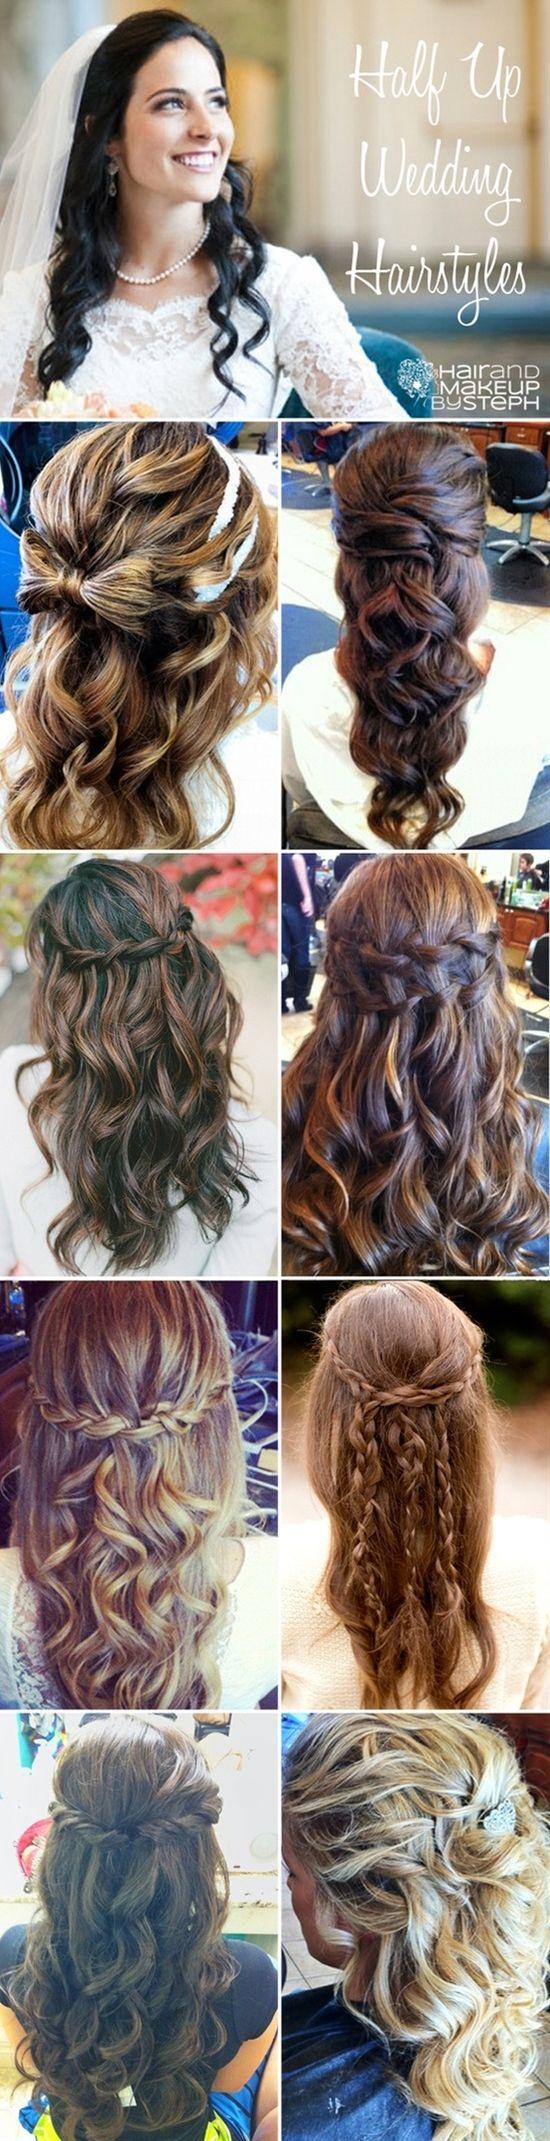 Pleasant 16 Overwhelming Half Up Half Down Wedding Hairstyles Pretty Designs Short Hairstyles Gunalazisus